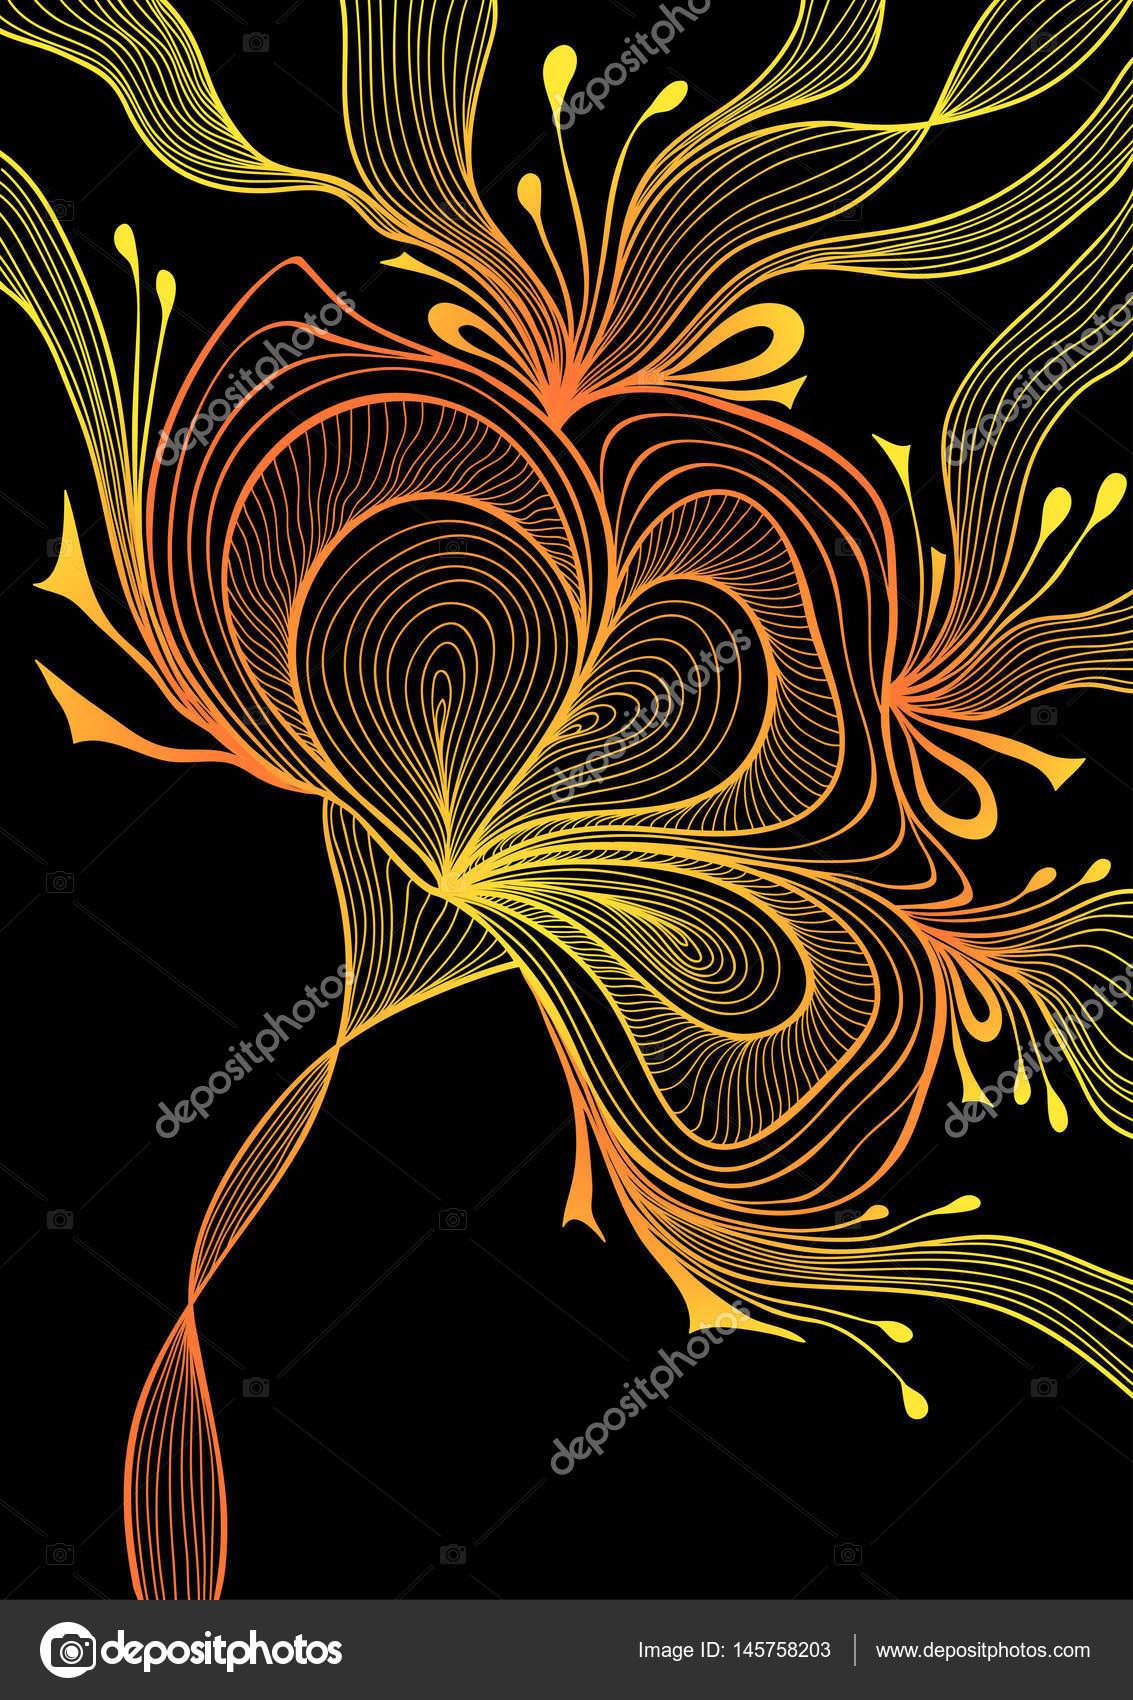 Dantel çiçek Güzel Arka Plan üzerine Siyah Altın Portakal Yay Stok